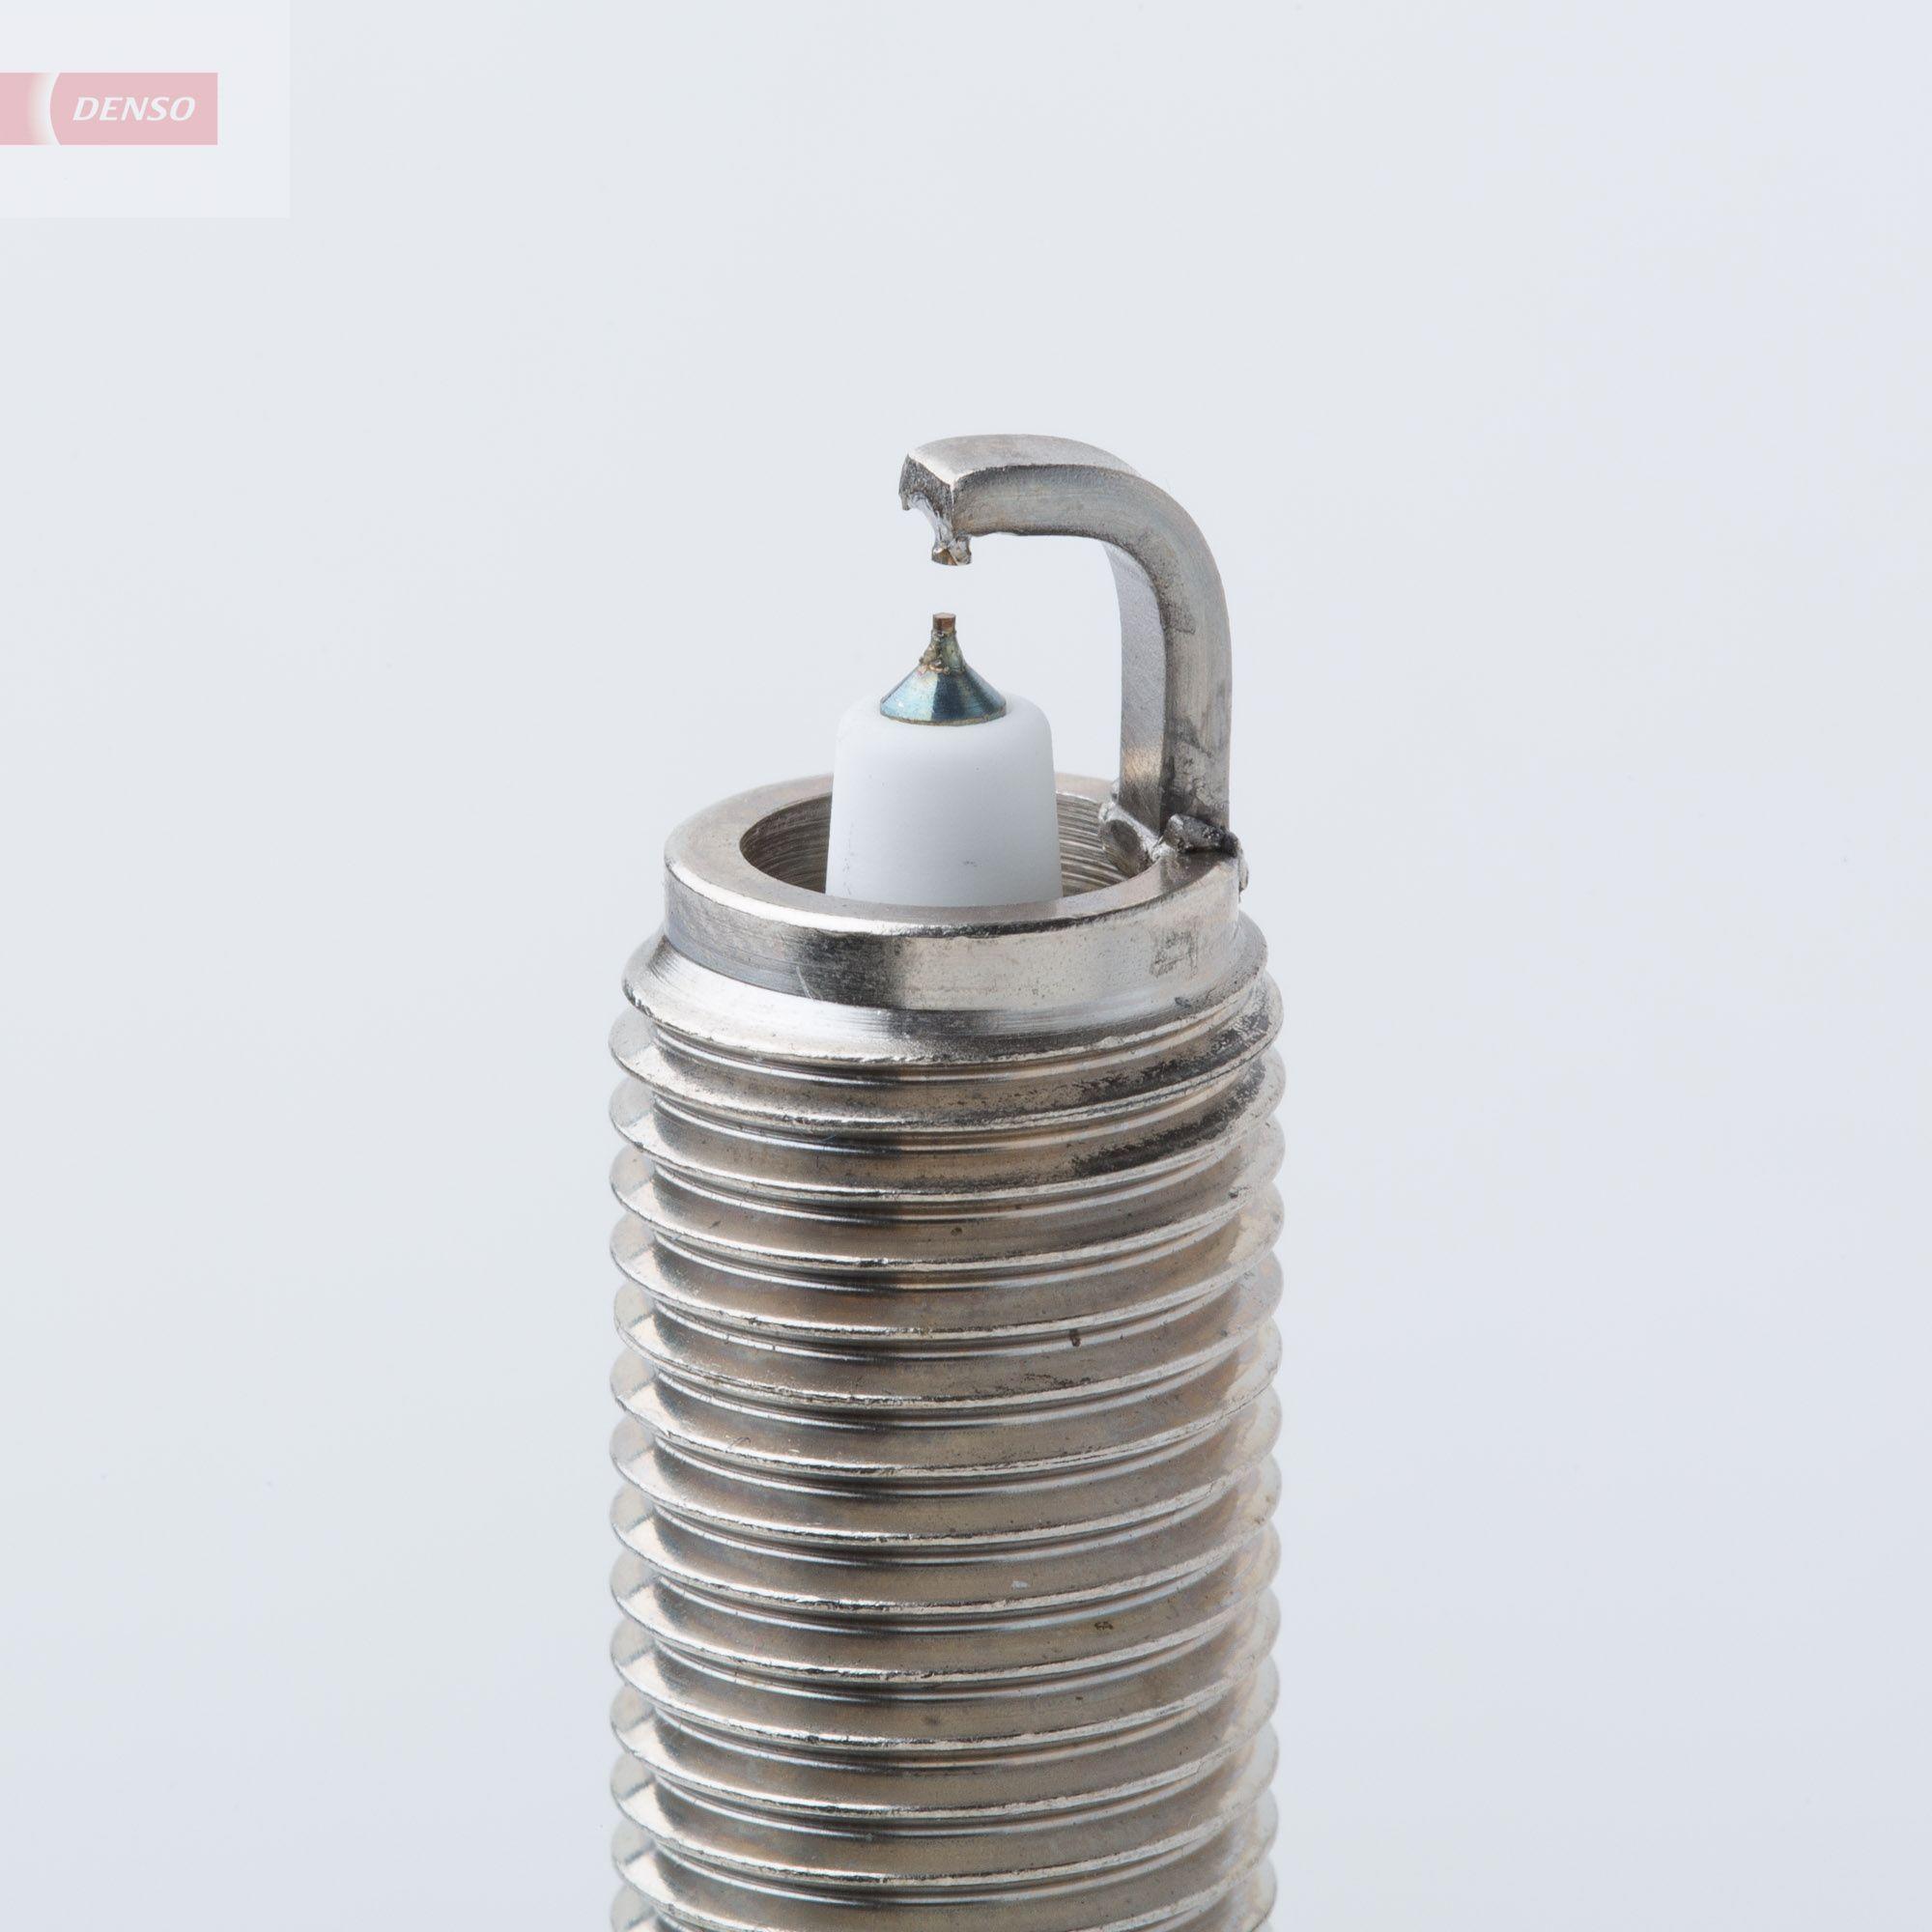 IXEH22TT Zapalovací svíčka DENSO - Levné značkové produkty